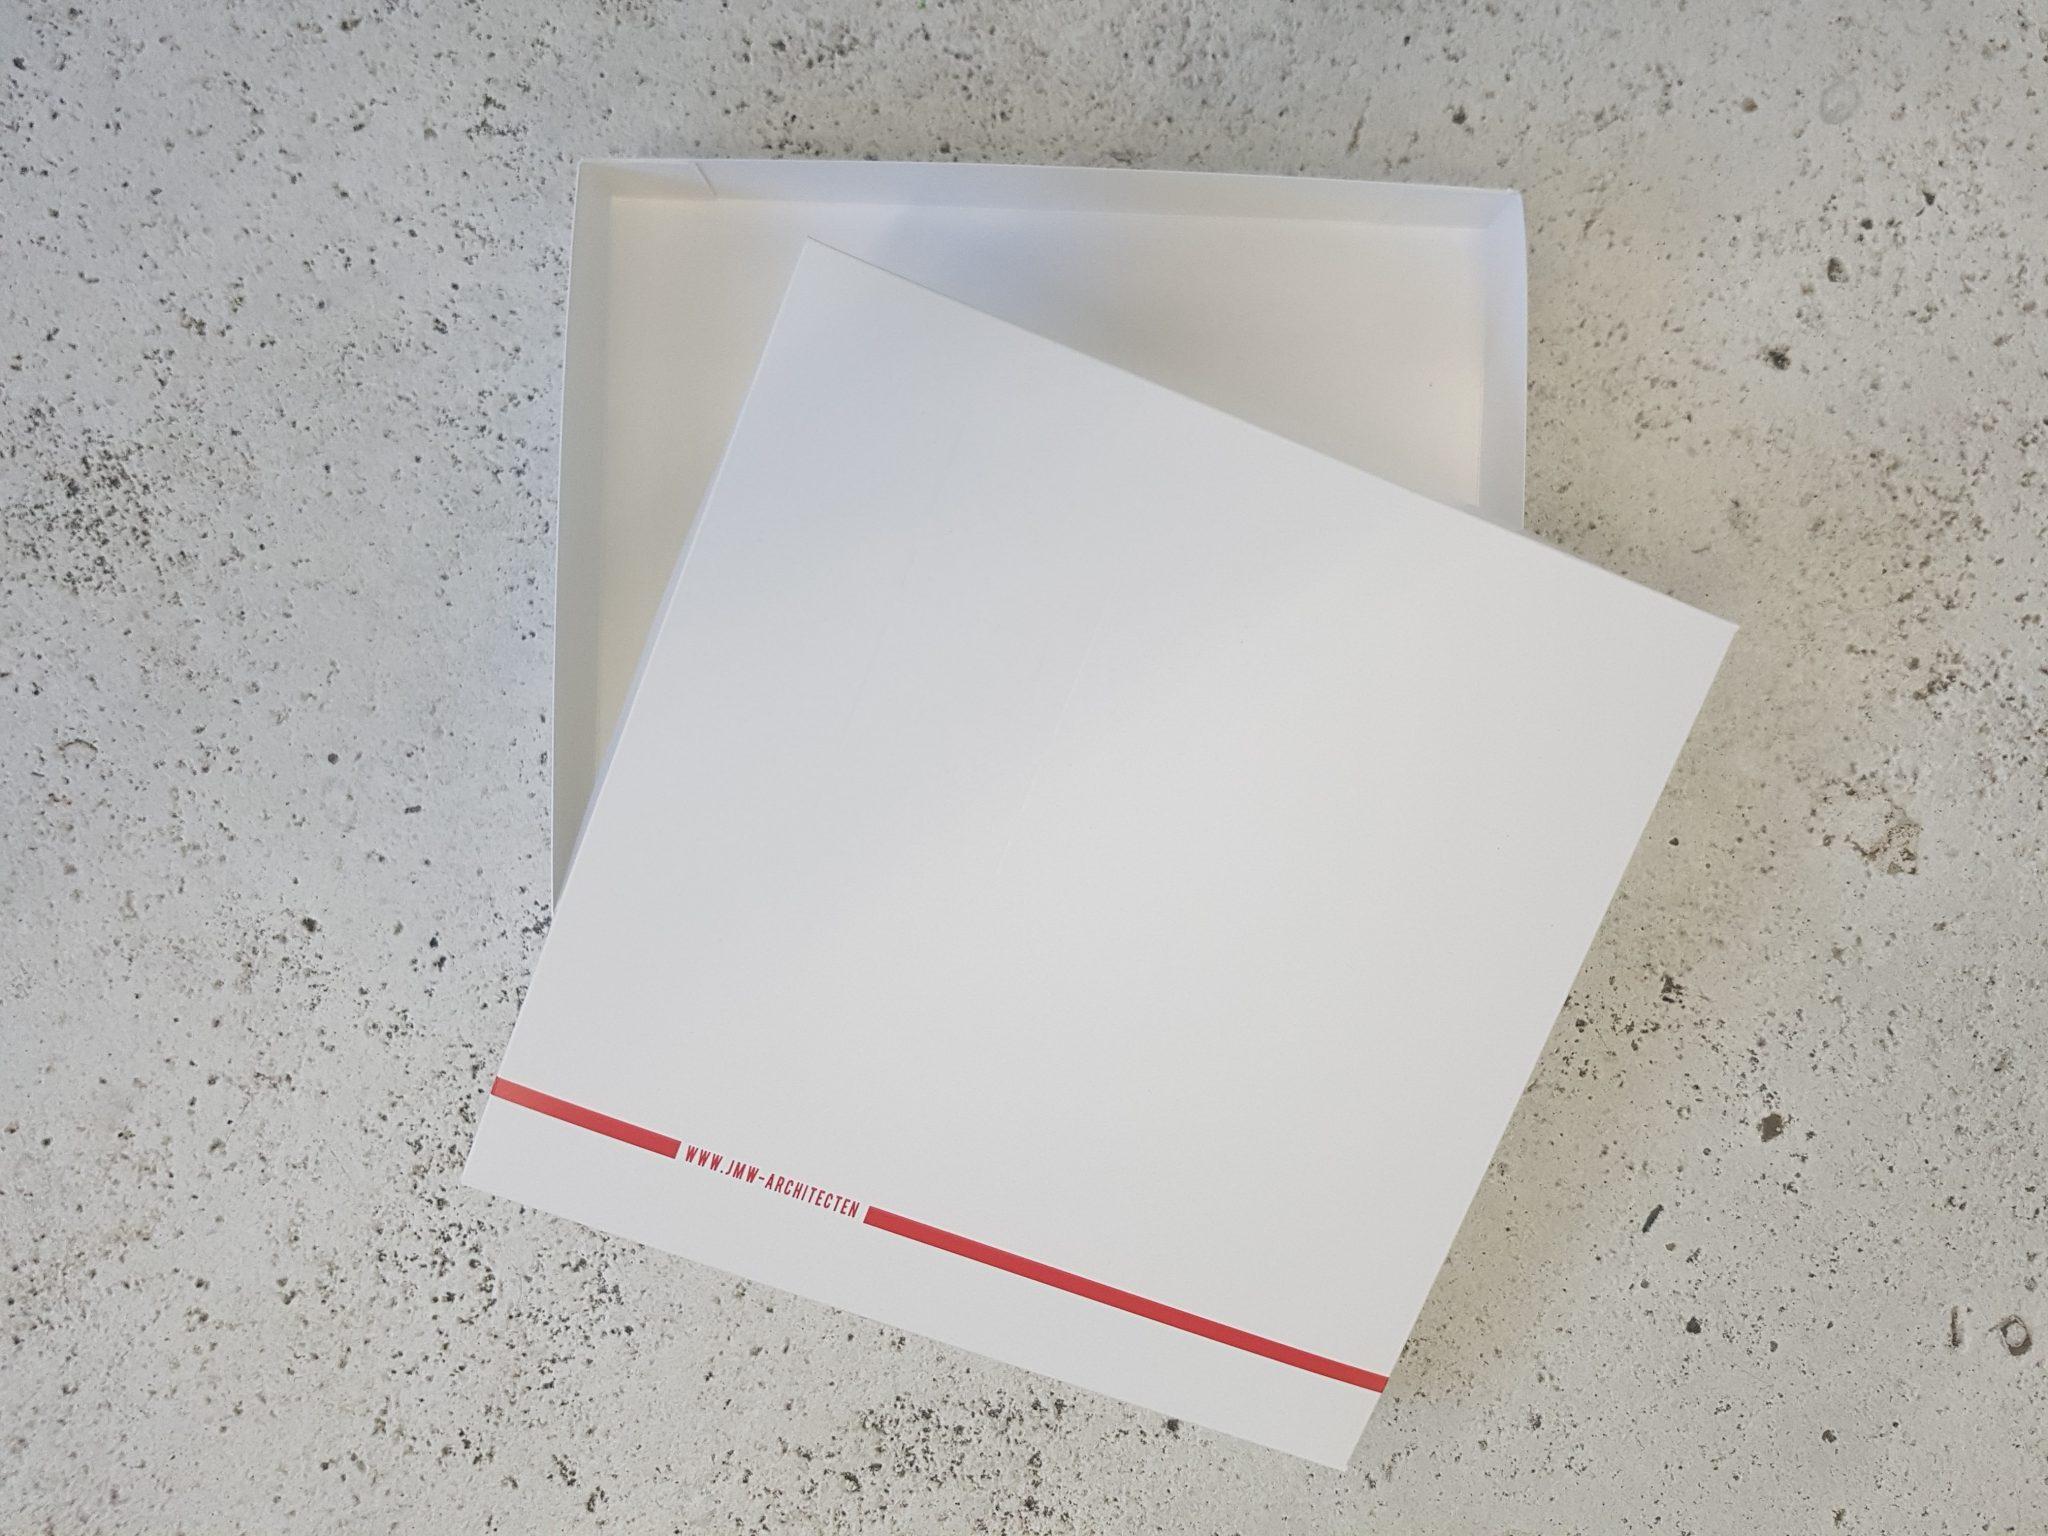 geschenkverpakking JMW architecten